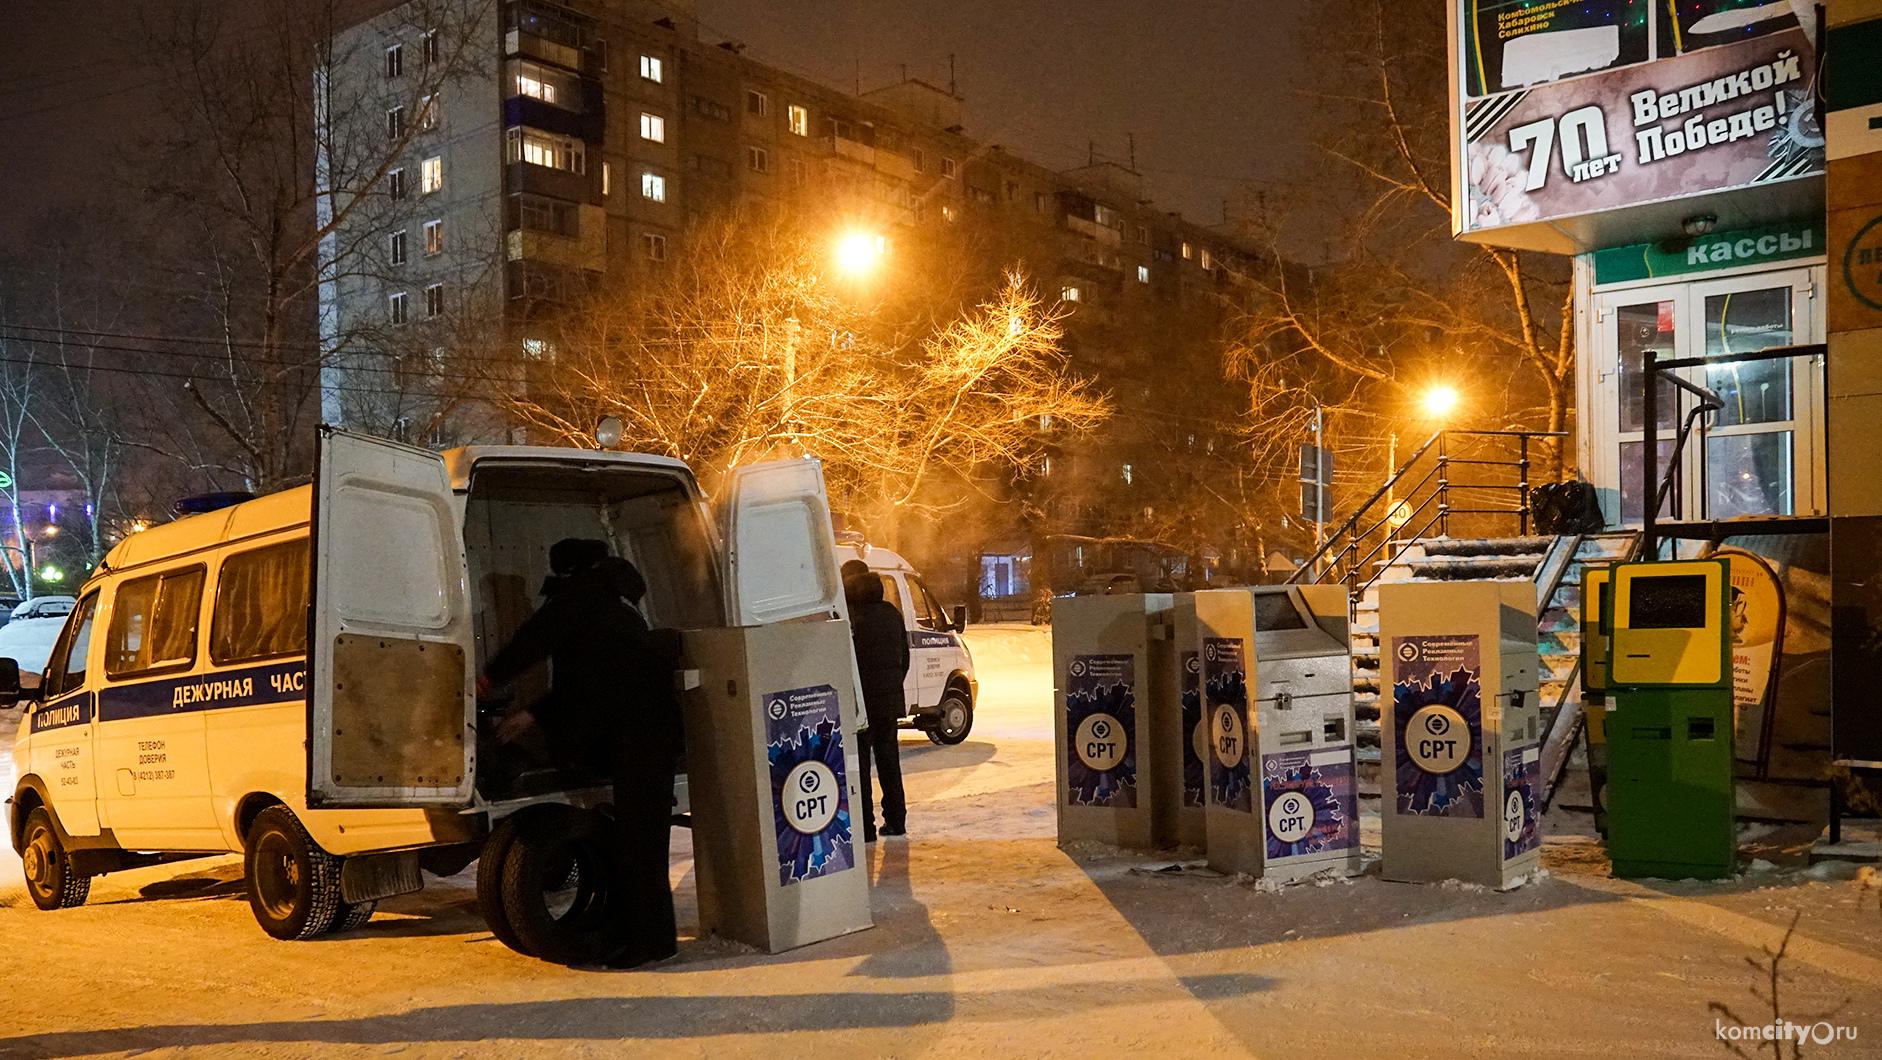 Игровые автоматы рязань нелегальные игровые автоматы в краснодарском крае в январе 2010 года